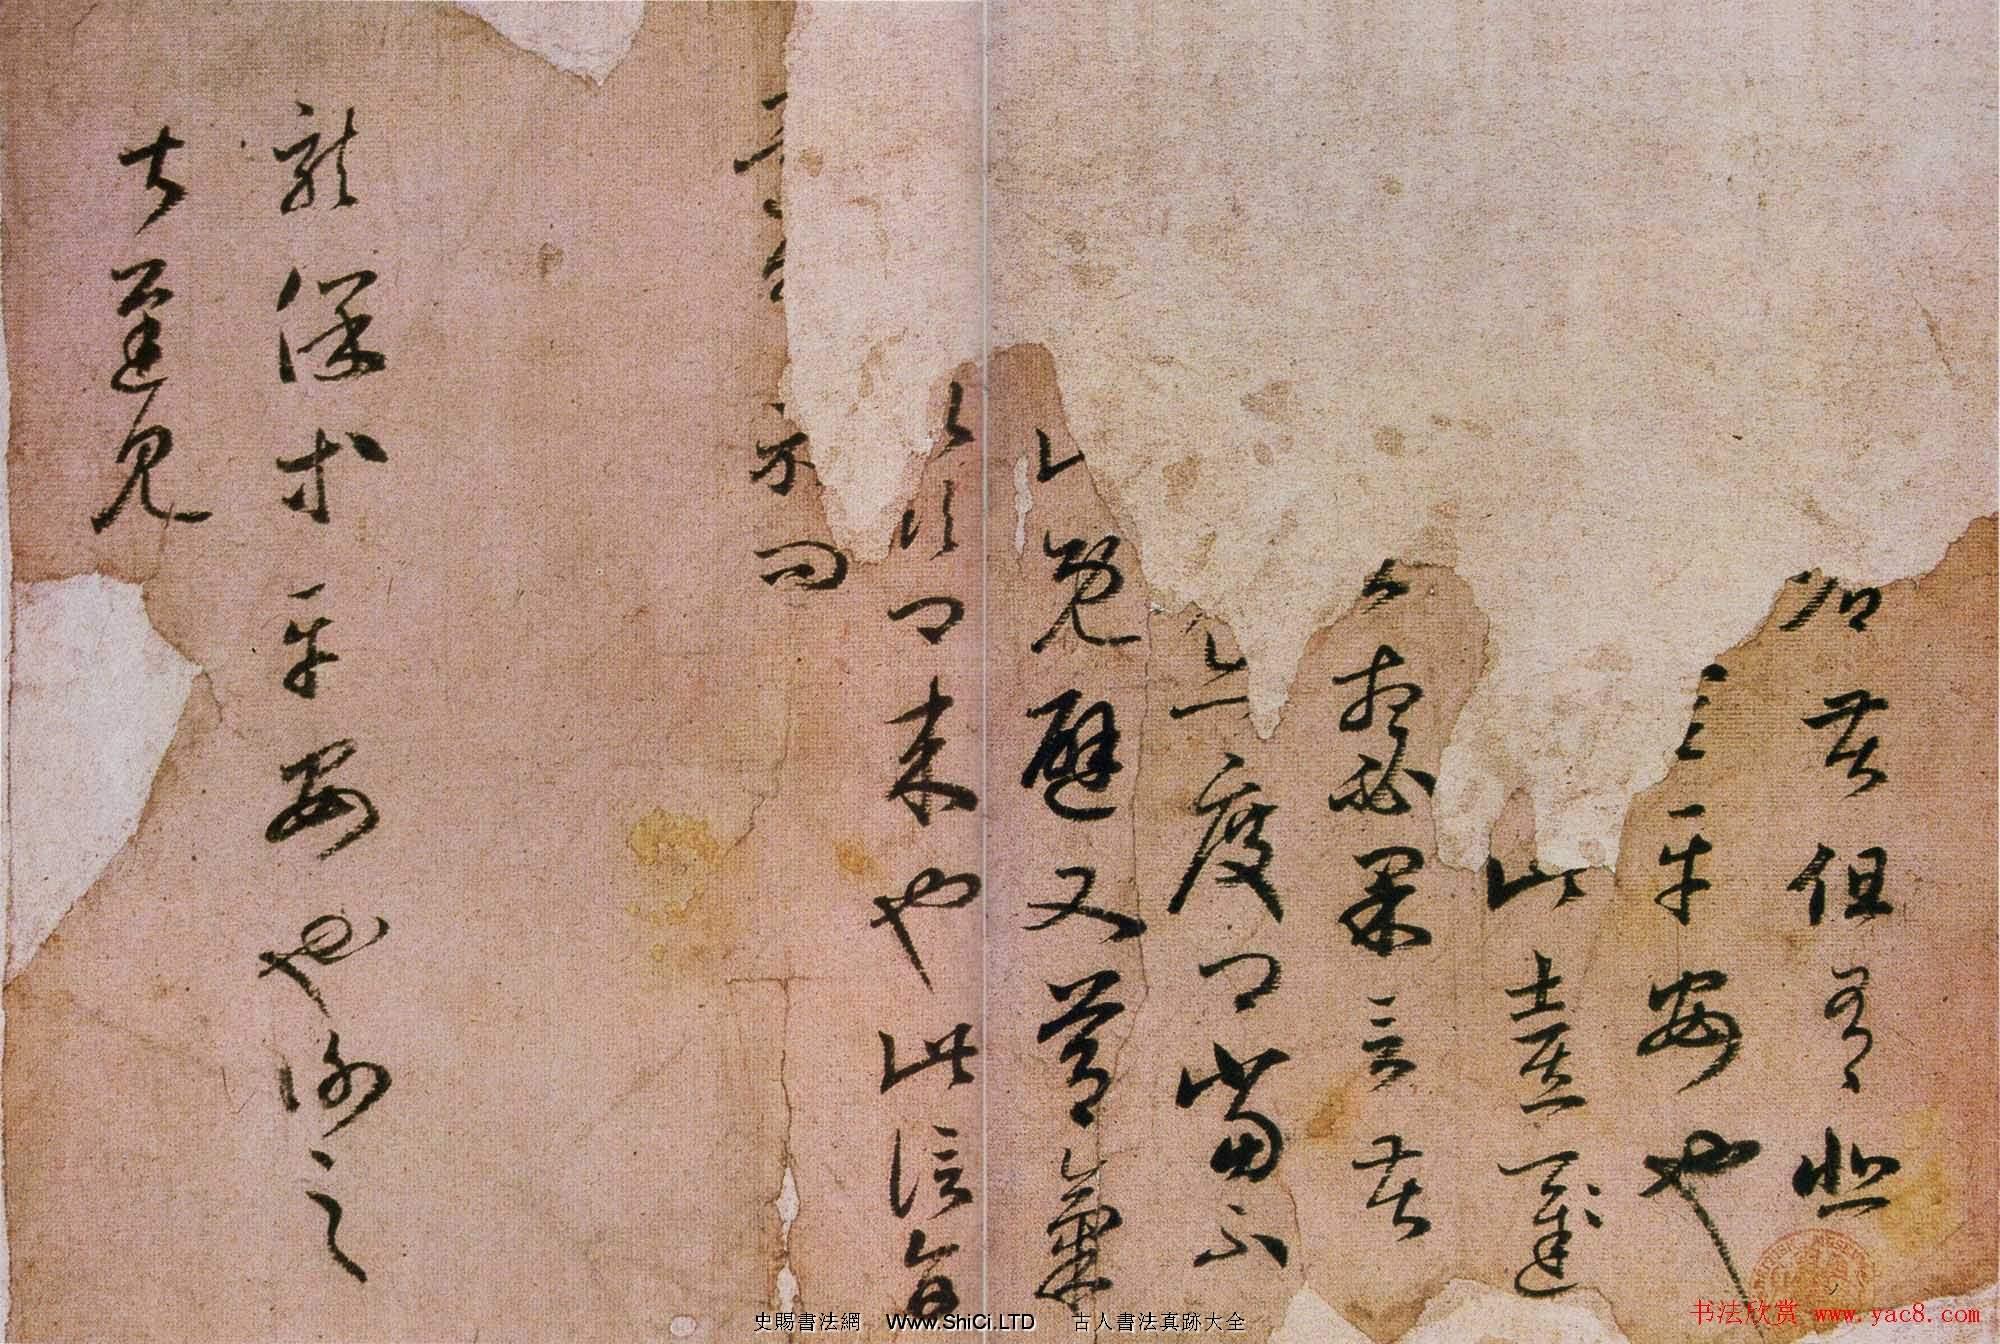 王羲之草書真跡欣賞《龍保帖》古代臨本(共4張圖片)